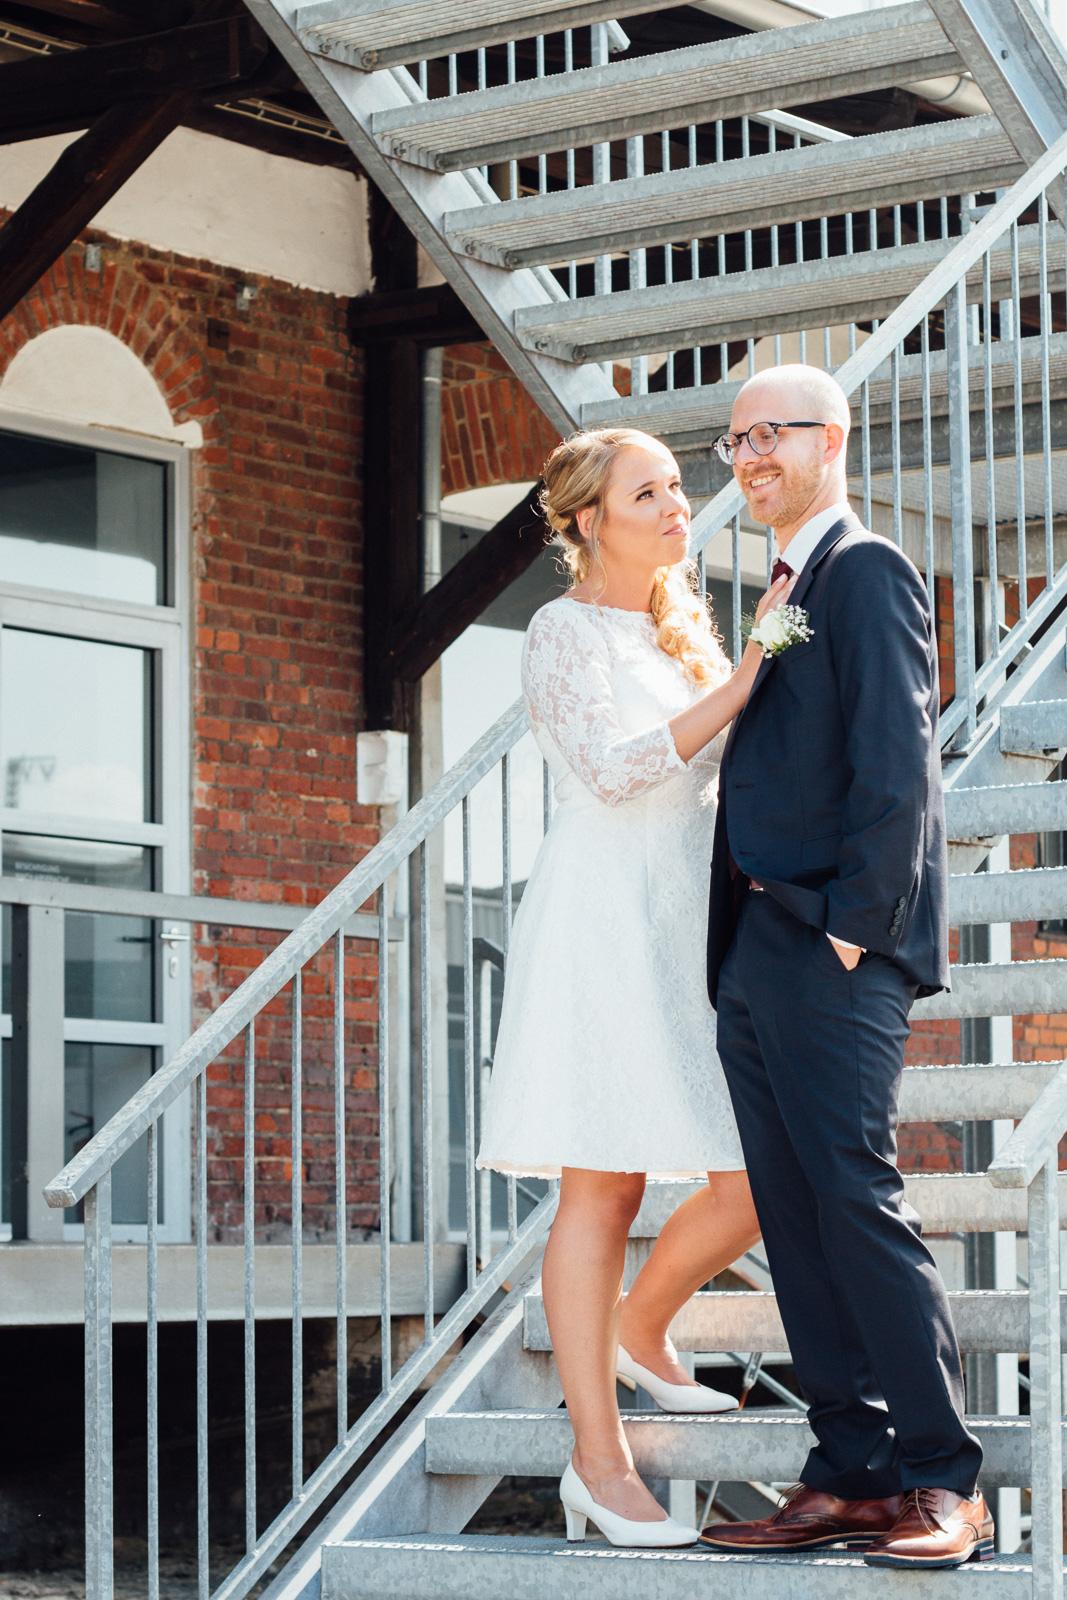 Hochzeitsfotograf Münster Andreas Völker Hochzeitsfotograf Hochzeitsfotografie Hochzeitsfotos Hochzeitsshooting Hochzeit NRW Nordrhein-Westfalen Niedersachsen Münsterland